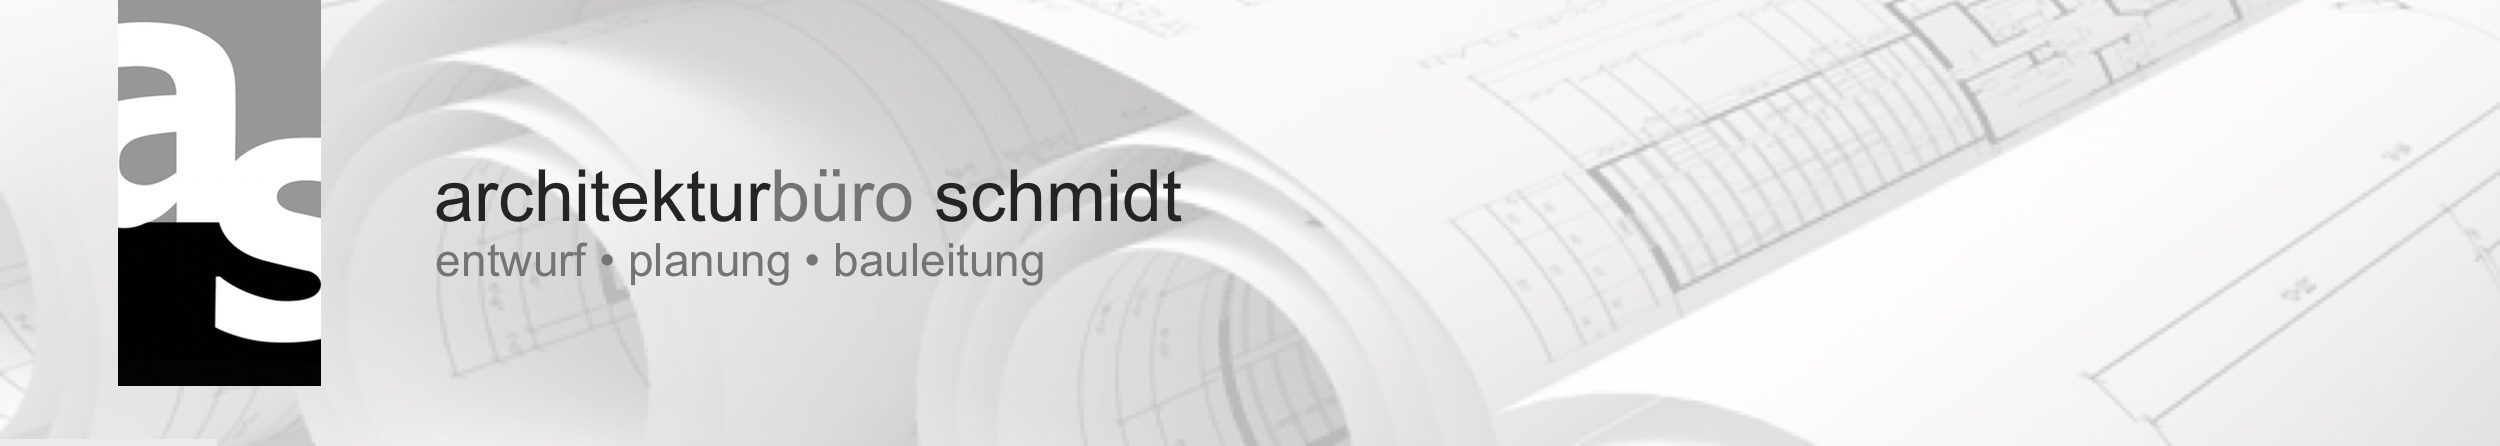 Architekturbüro Werner Schmidt